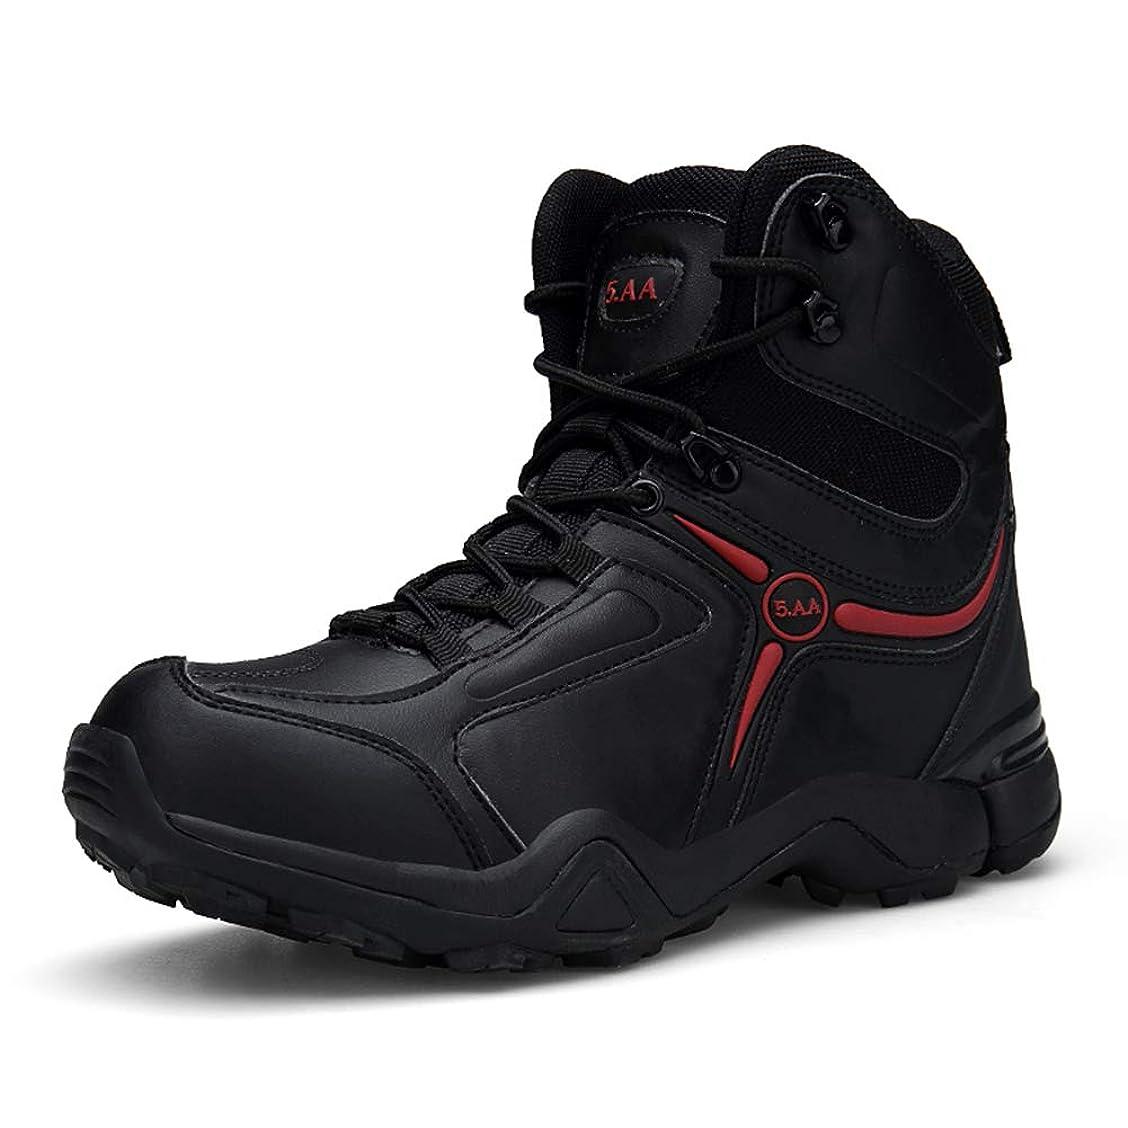 革新関与する笑男性のための黒の軍ブーツ、防水戦闘ブーツジッパーハイヘルプノンスリップ耐摩耗性タクティカルブーツ